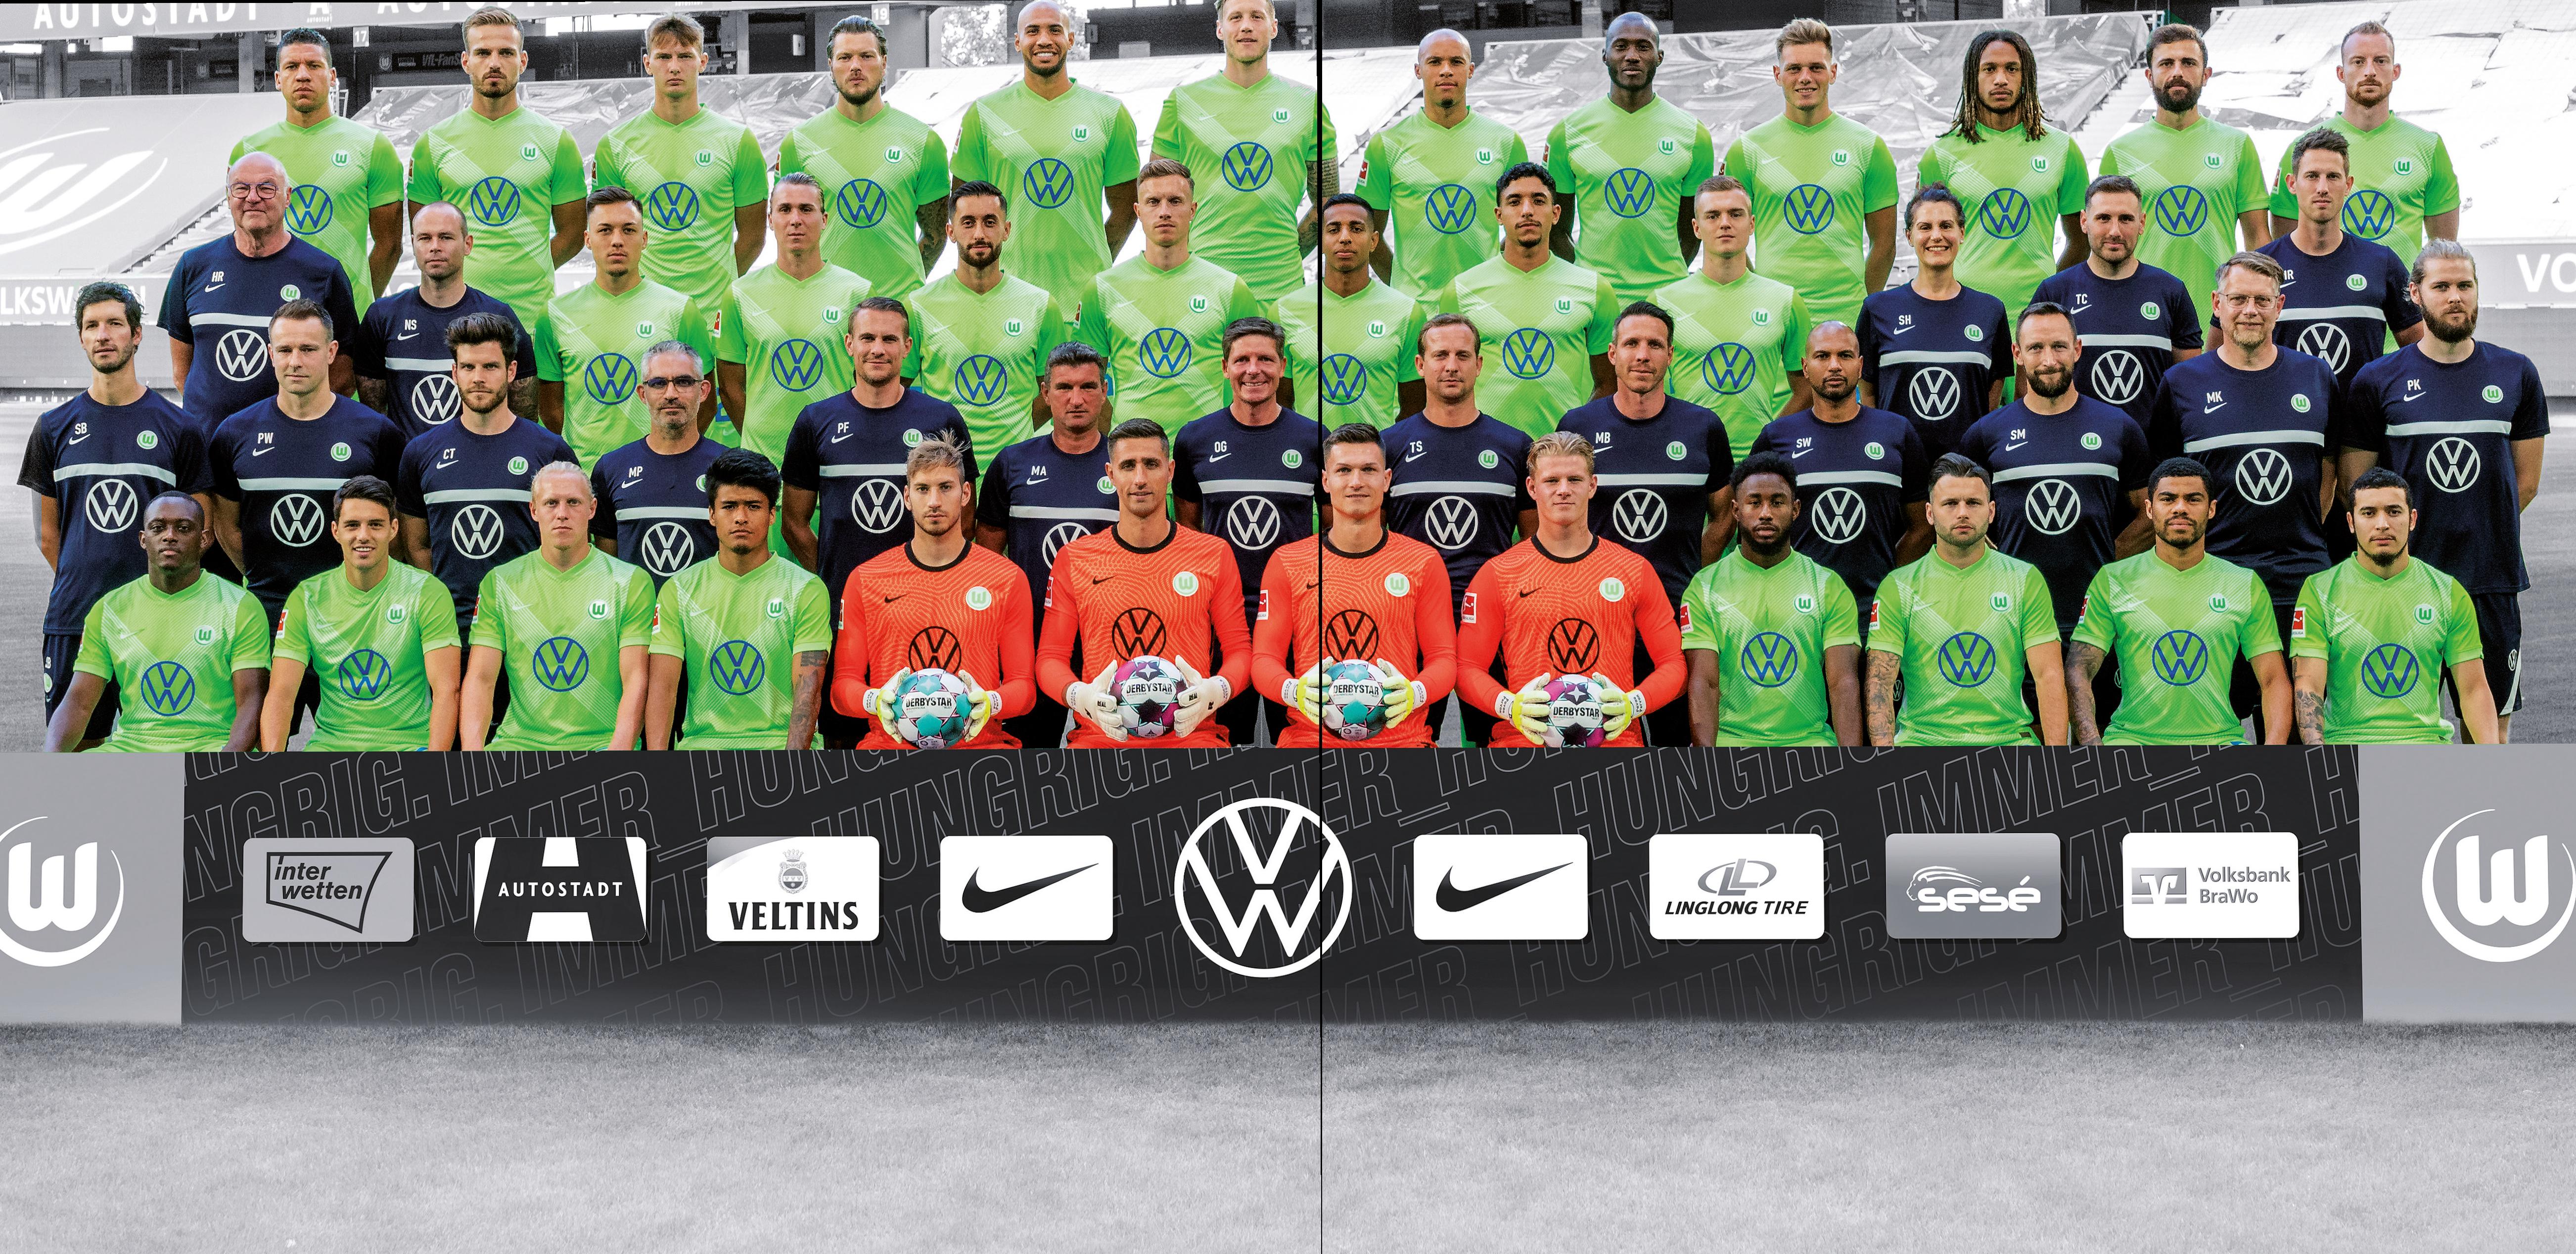 Das VfL-Team Image 1